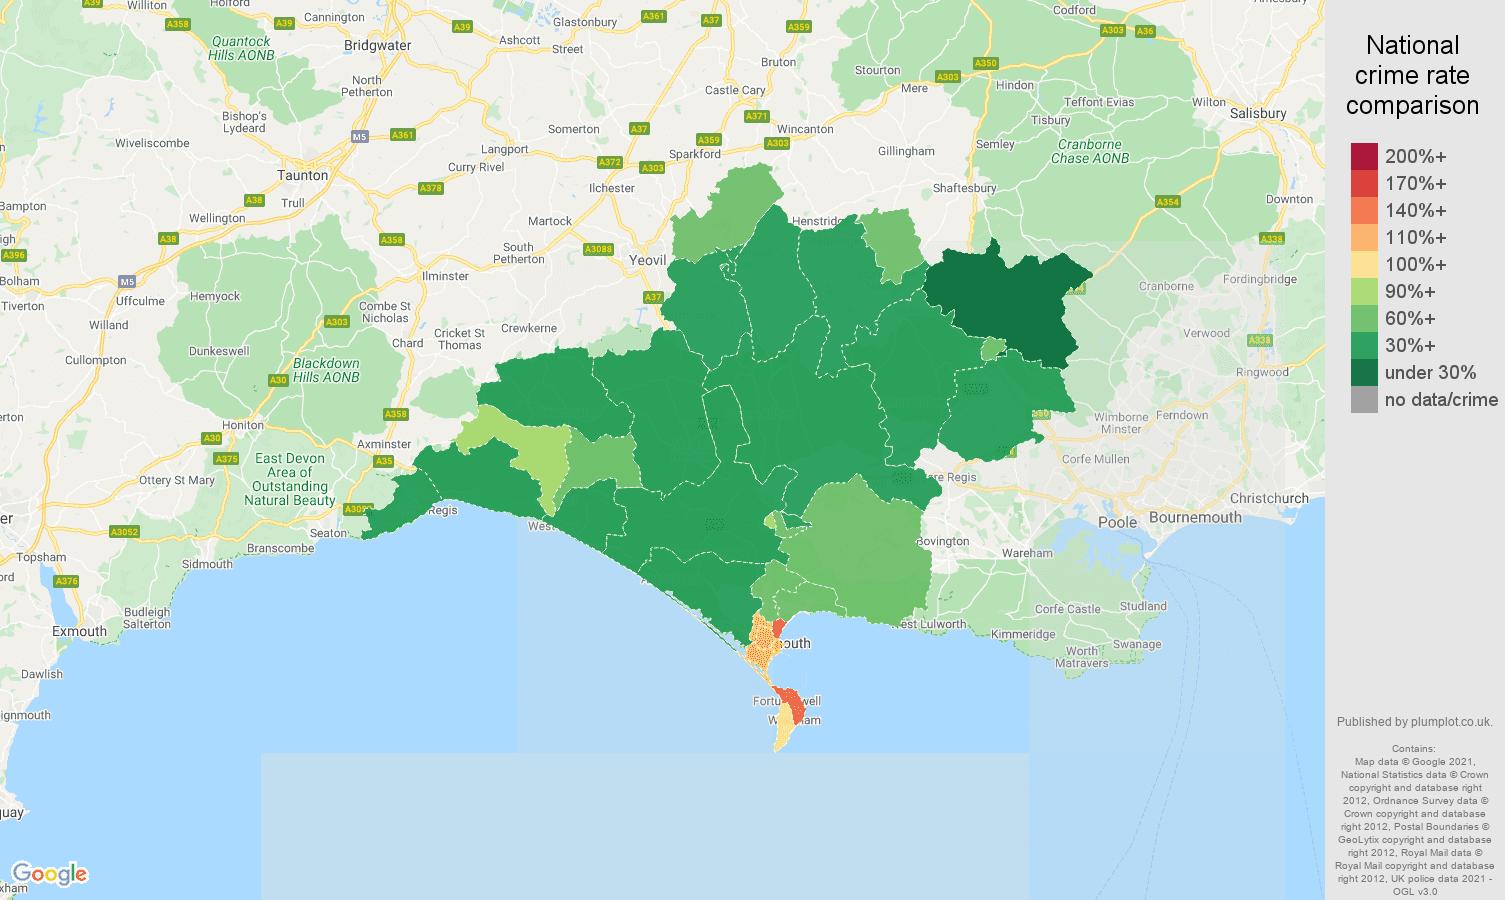 Dorchester violent crime rate comparison map